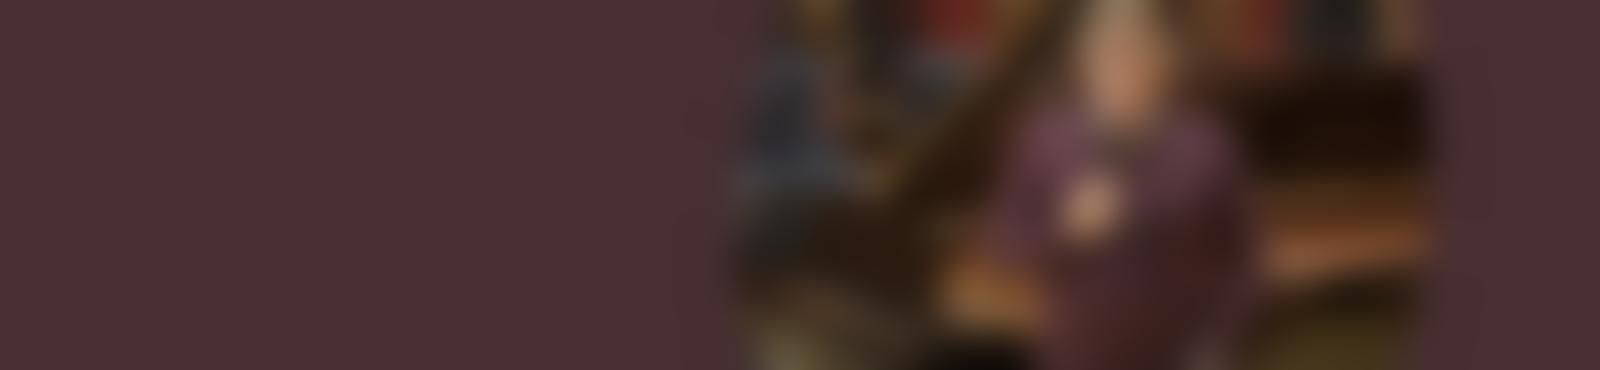 Blurred 94b06798 4234 497a 9530 e85771cf6a5f